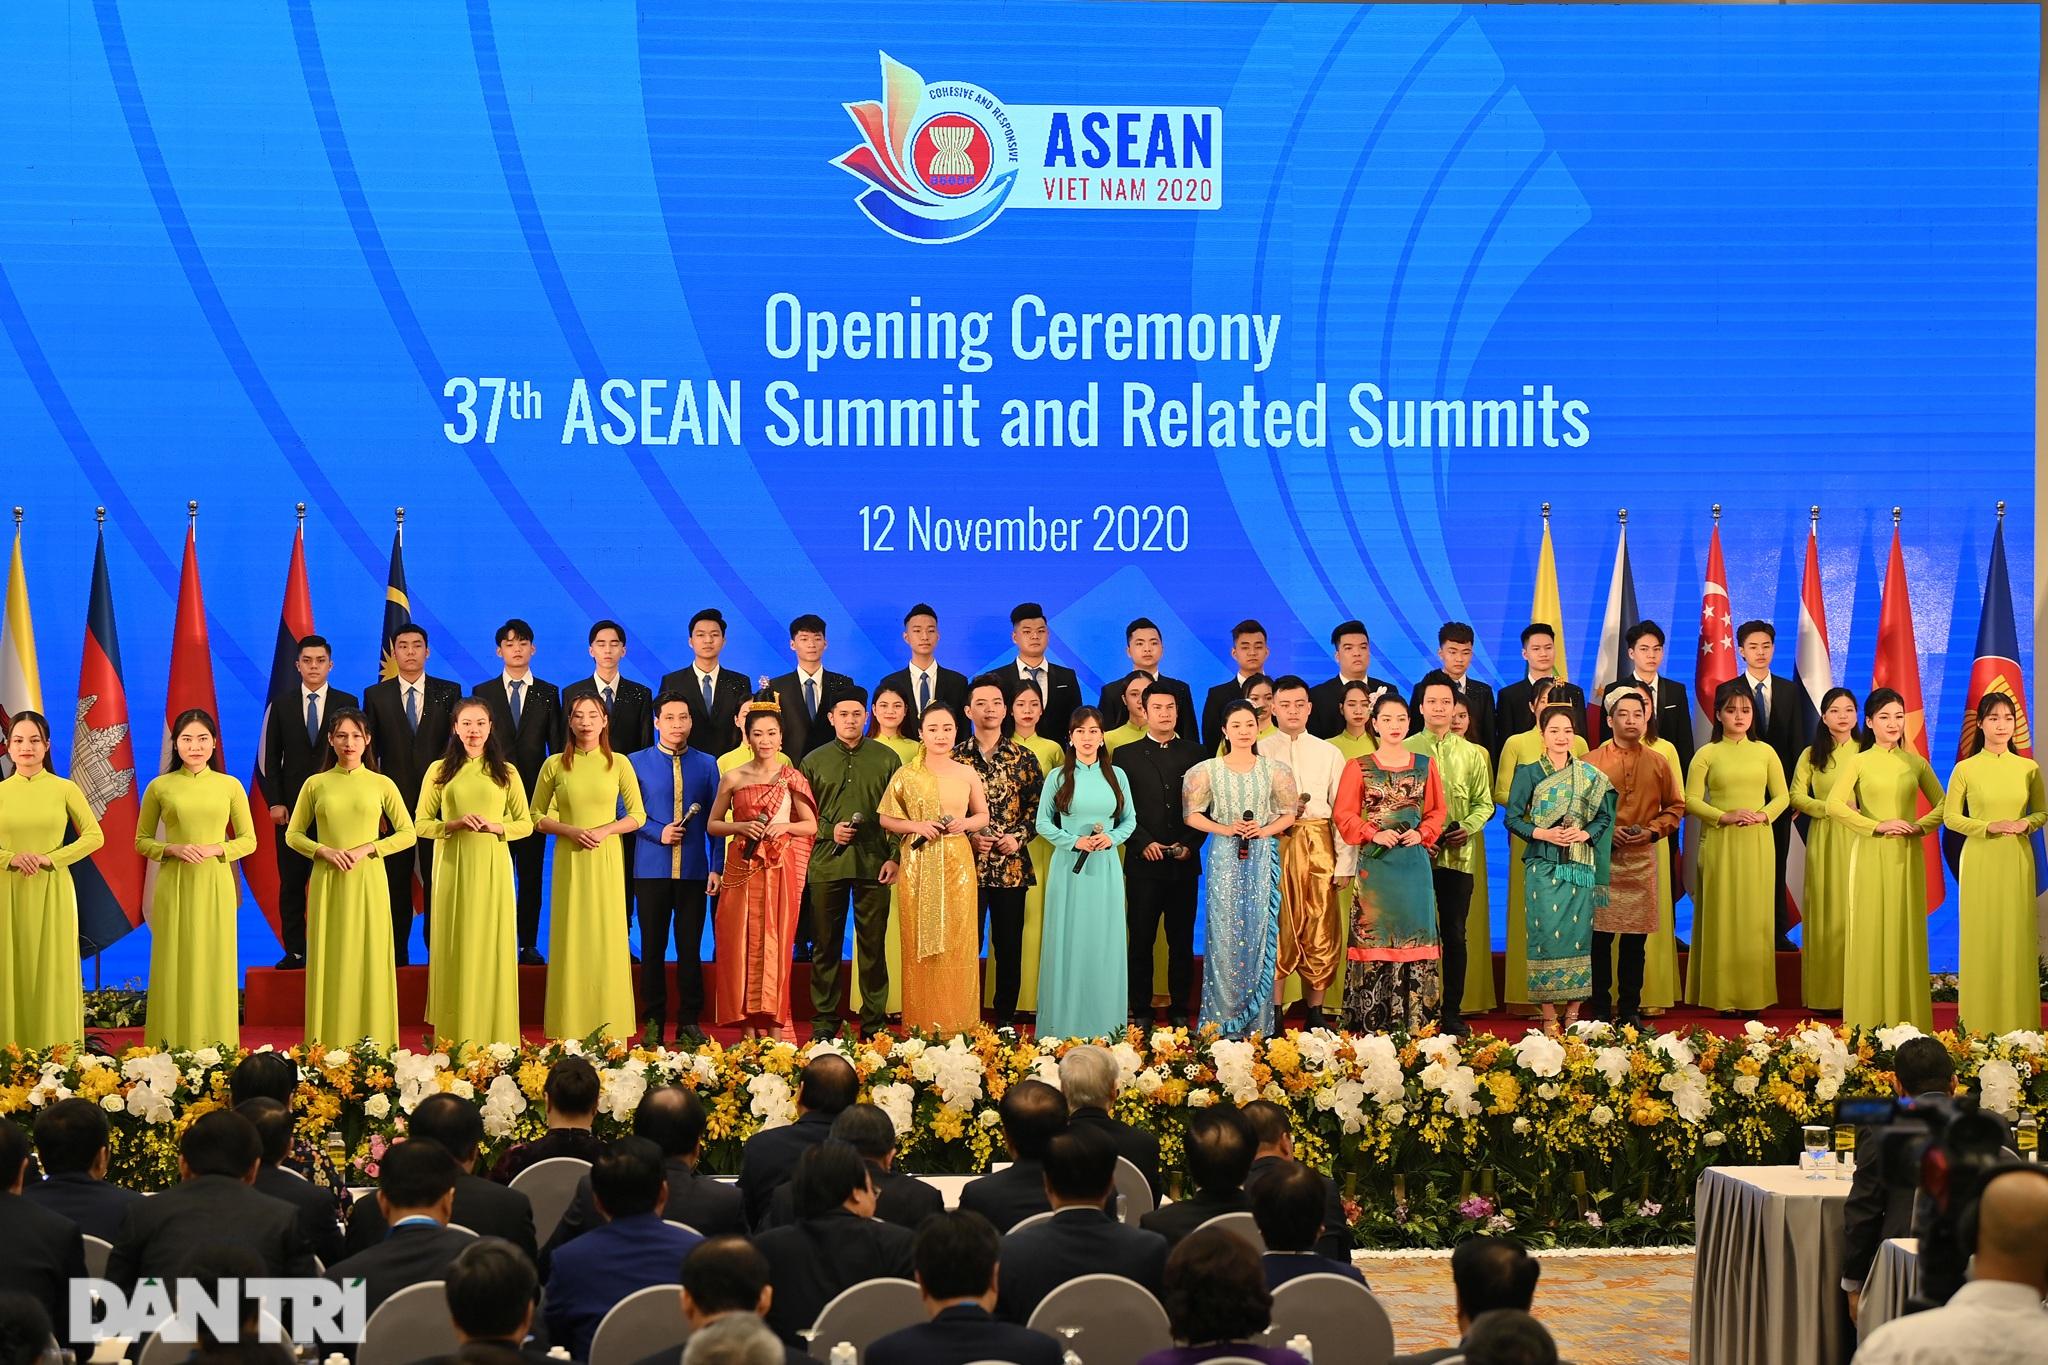 Lãnh đạo Đảng, Nhà nước dự khai mạc Hội nghị cấp cao ASEAN - 14